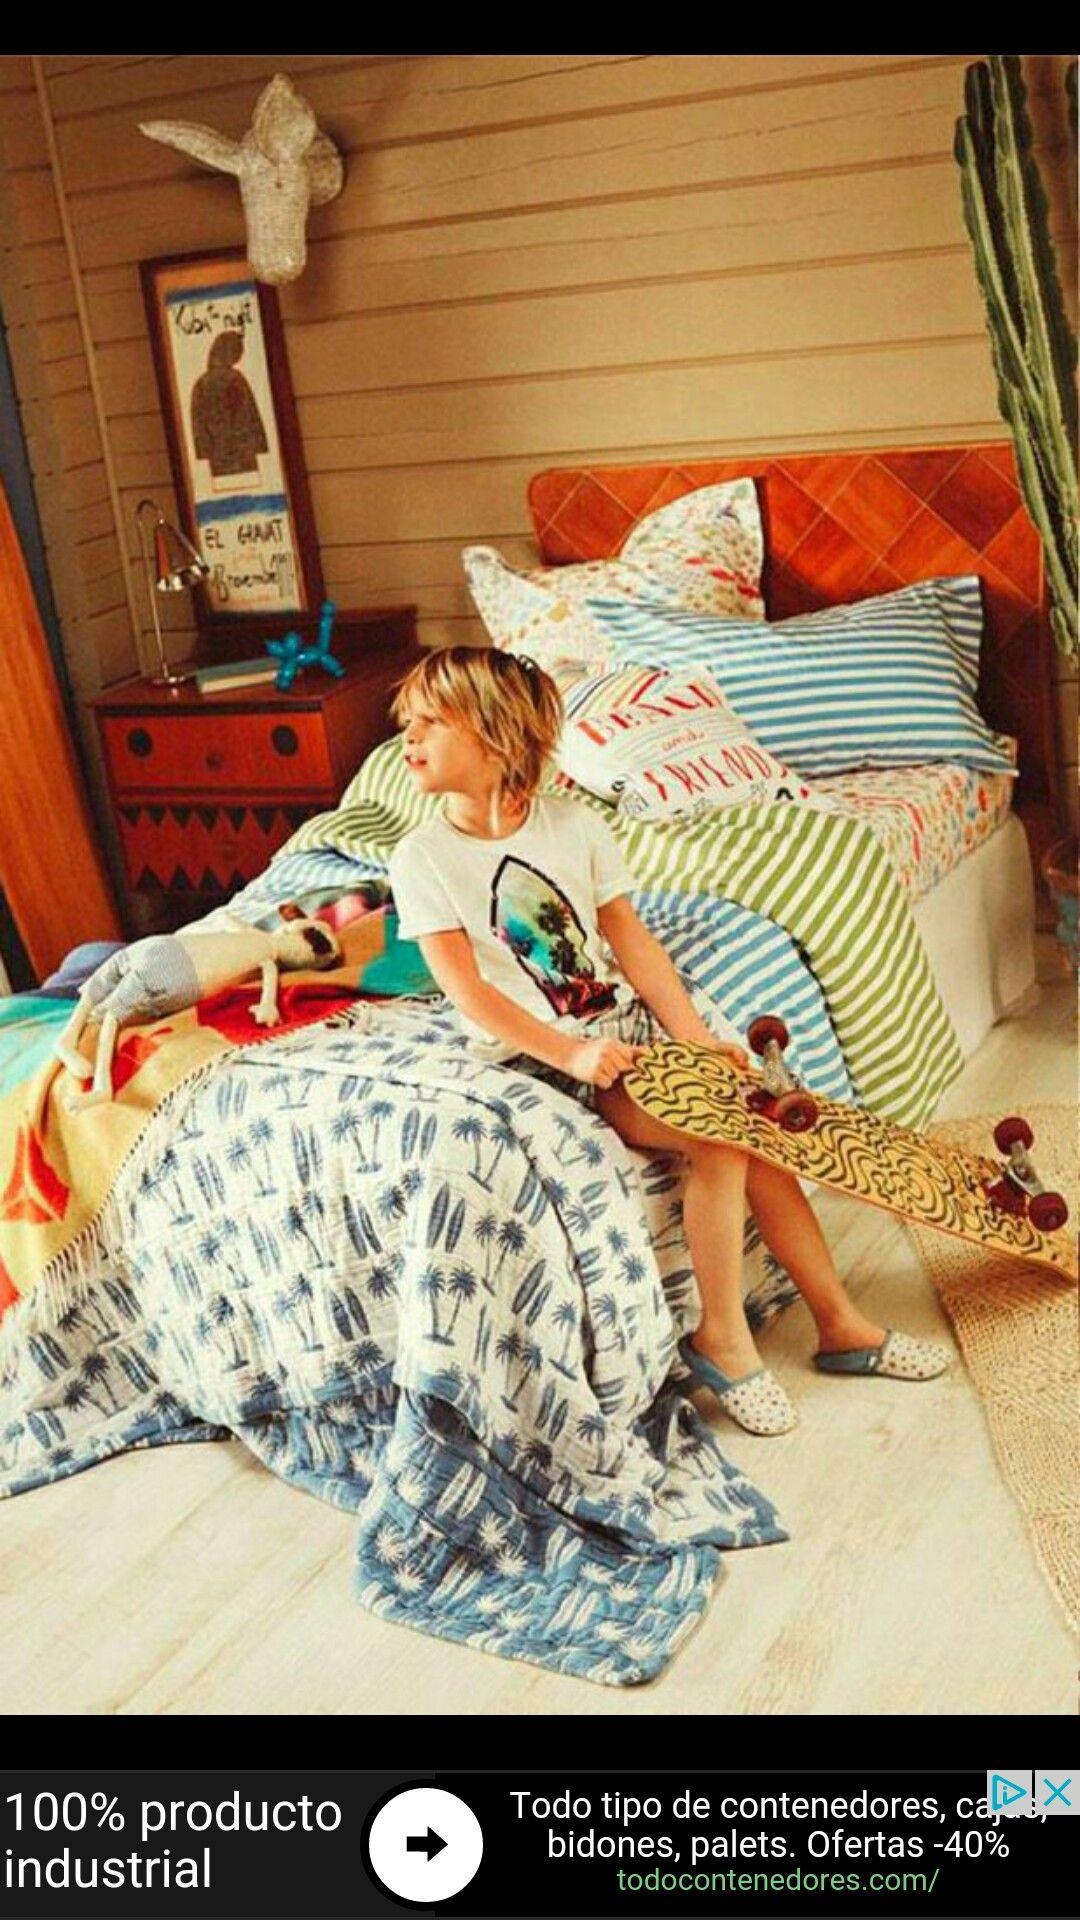 Dormitorio muy cálido. La pintura de la mesita de noche le da el toque infantil